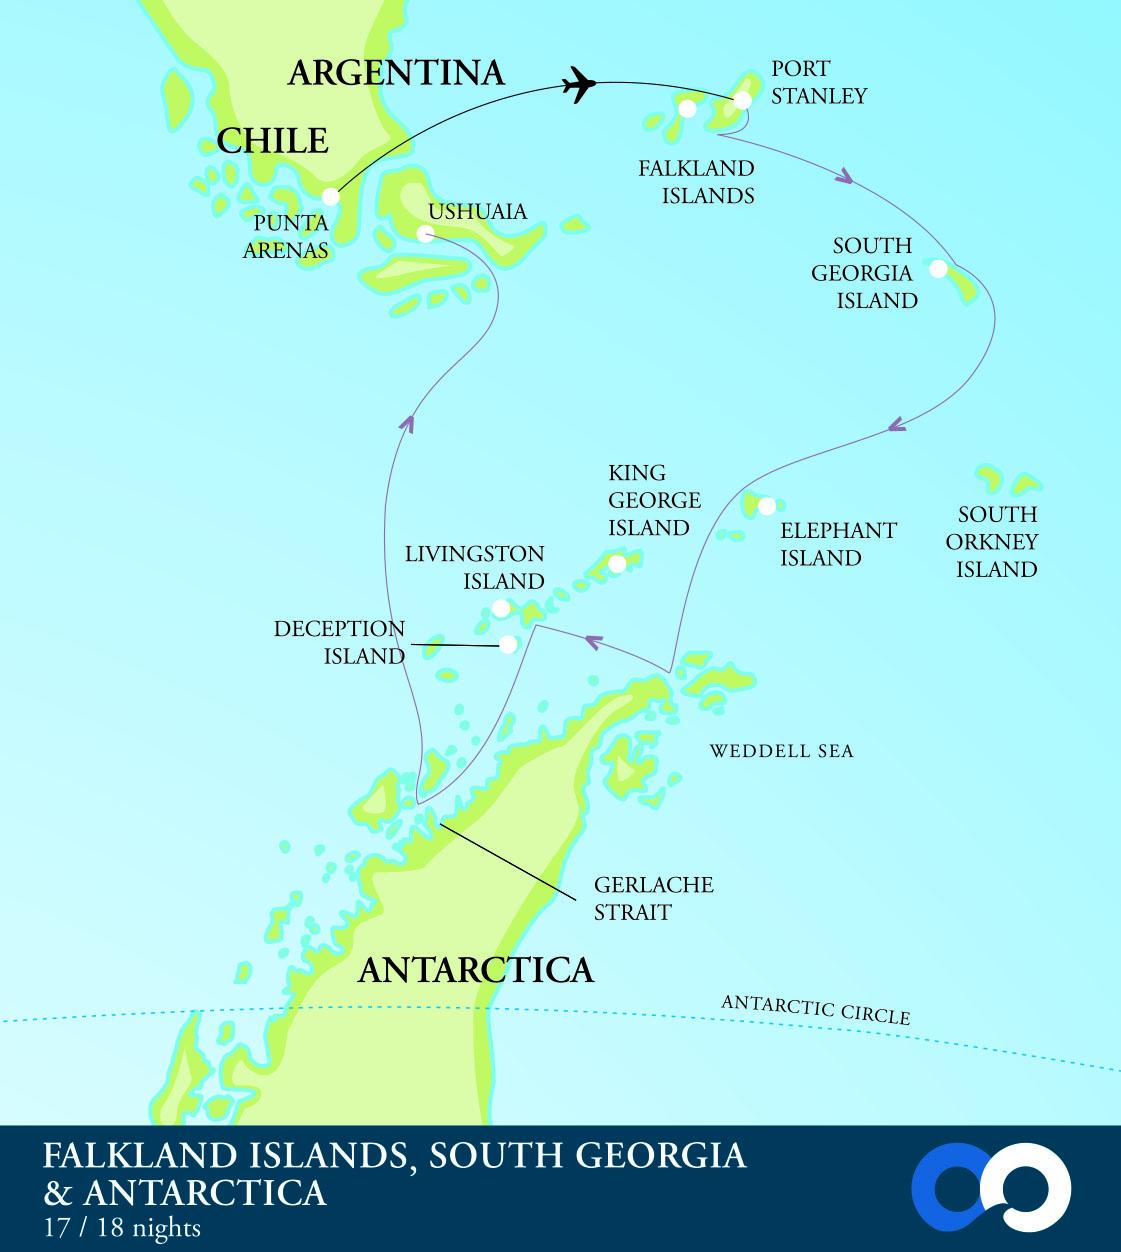 Map for Antarctica, South Georgia and the Falkland Islands